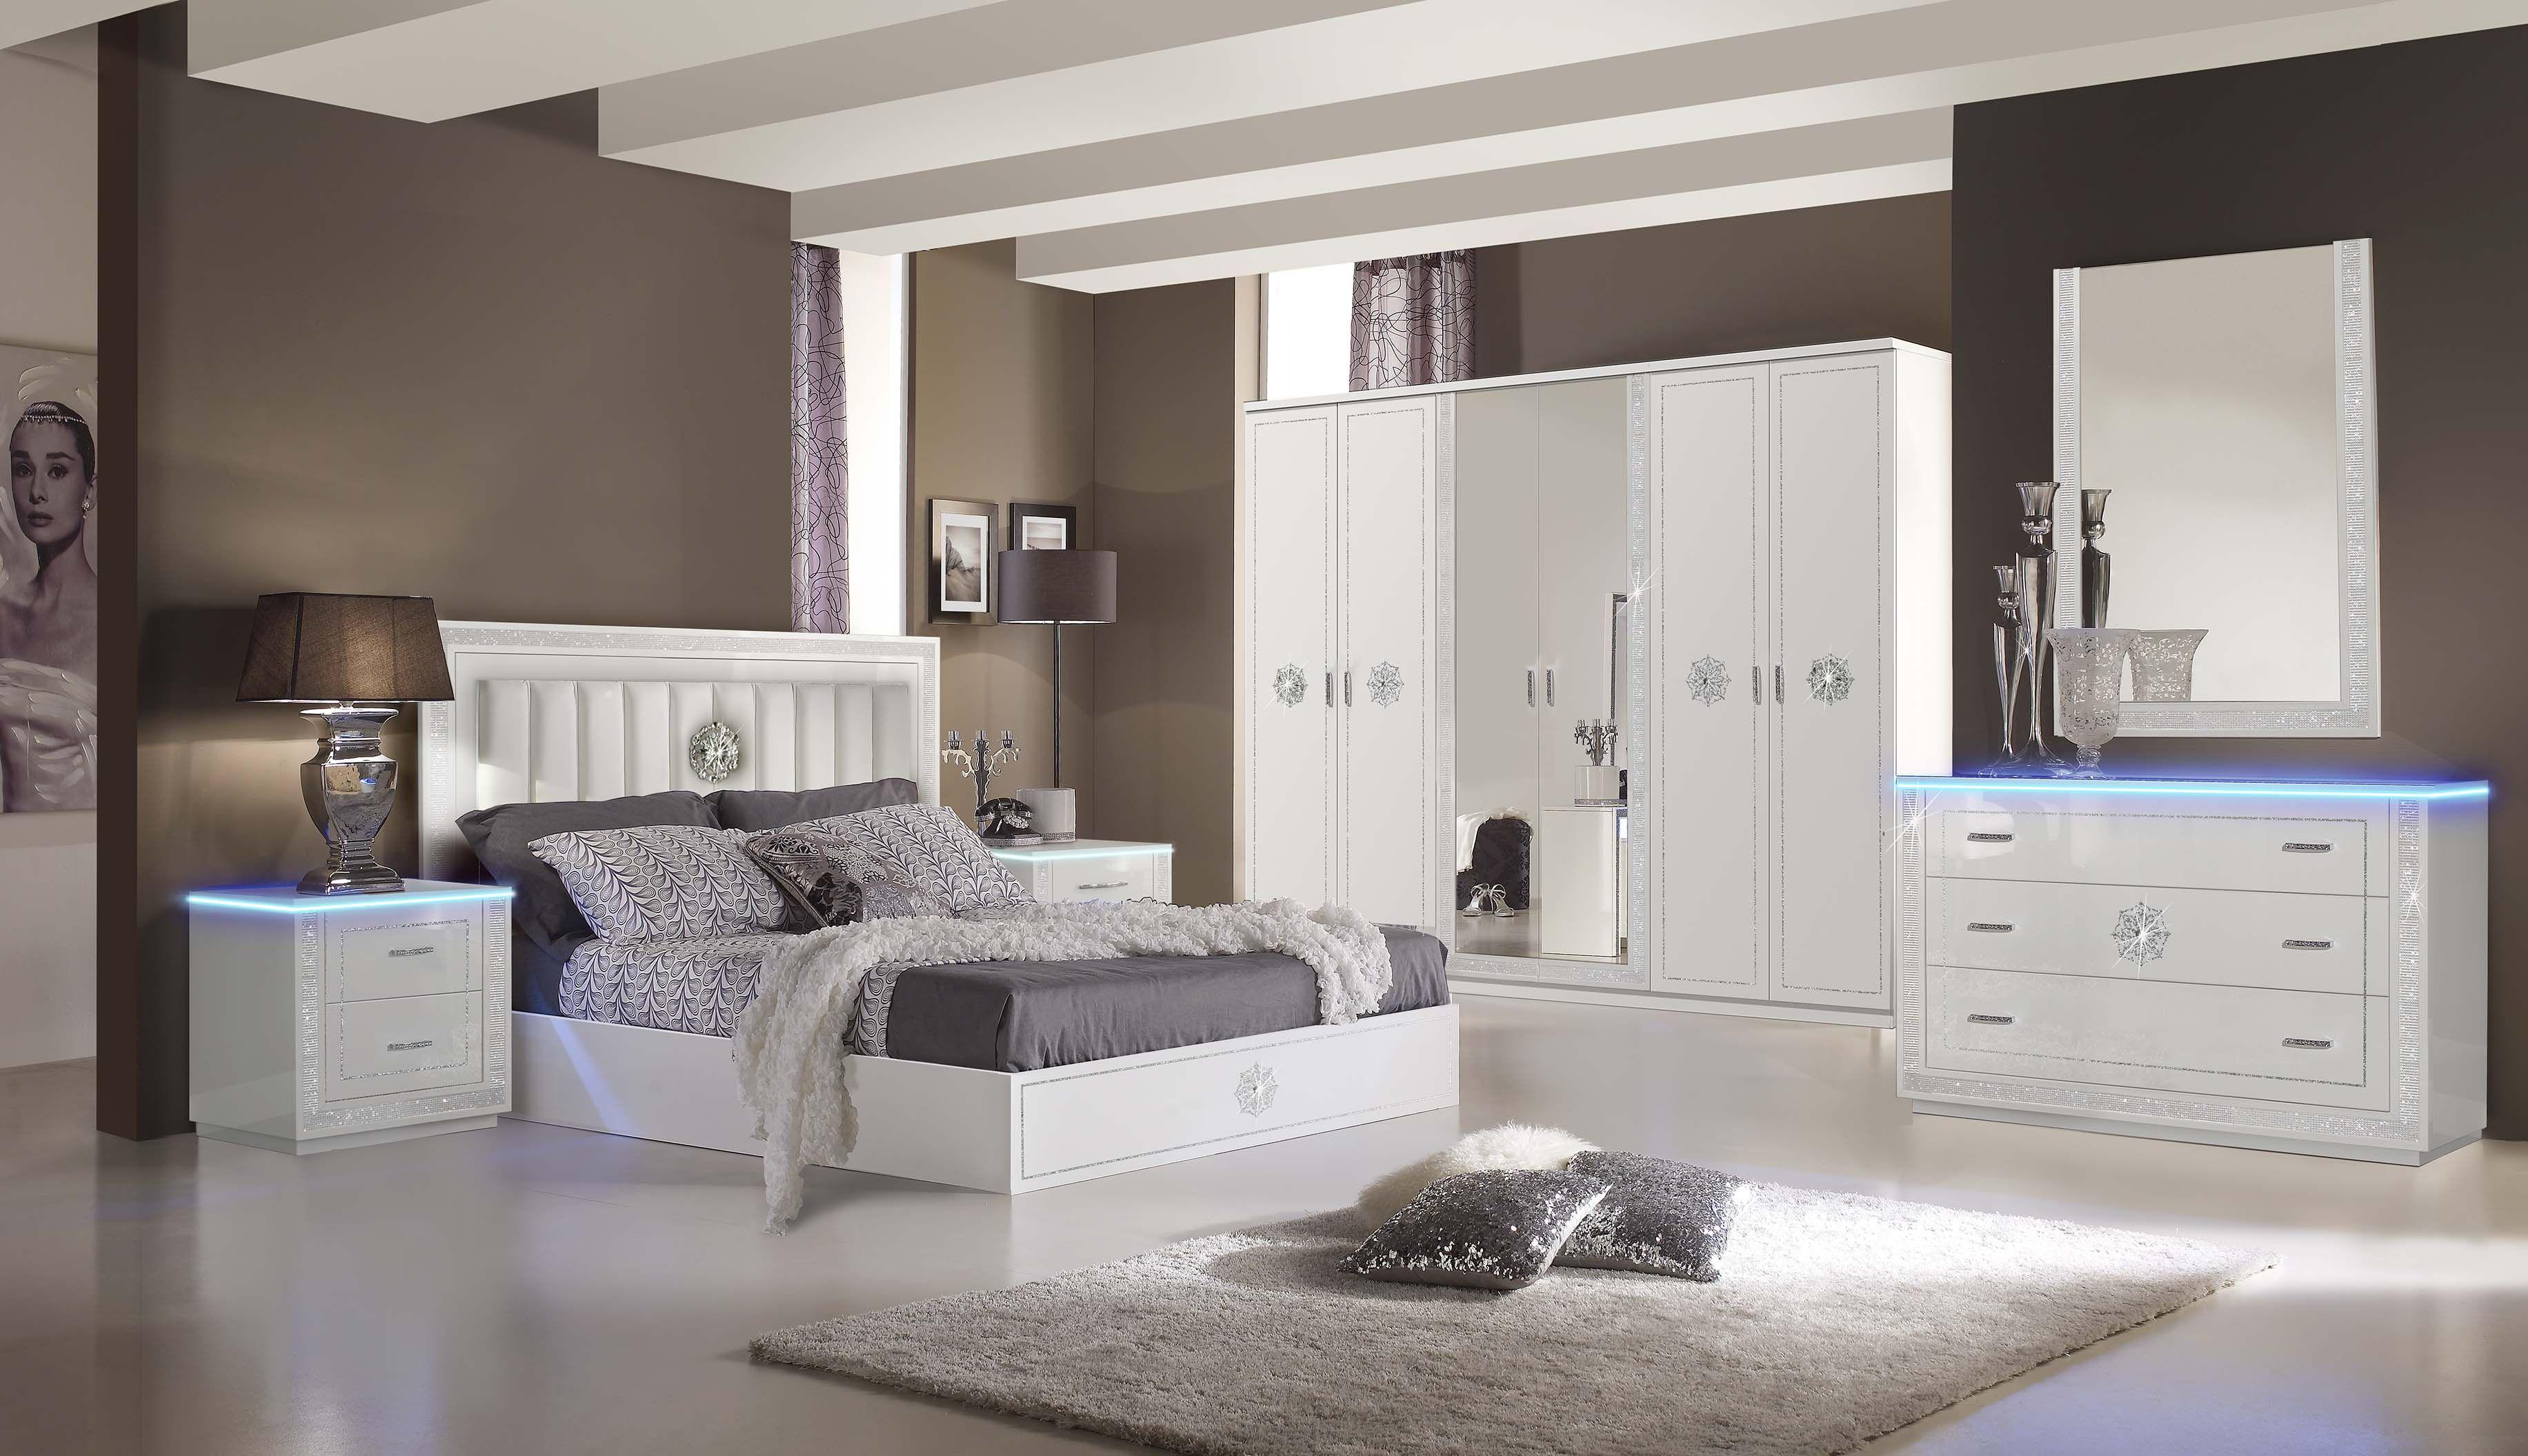 Schlafzimmer Modern Schlafzimmer Wohnzimmerideen Wohnideen